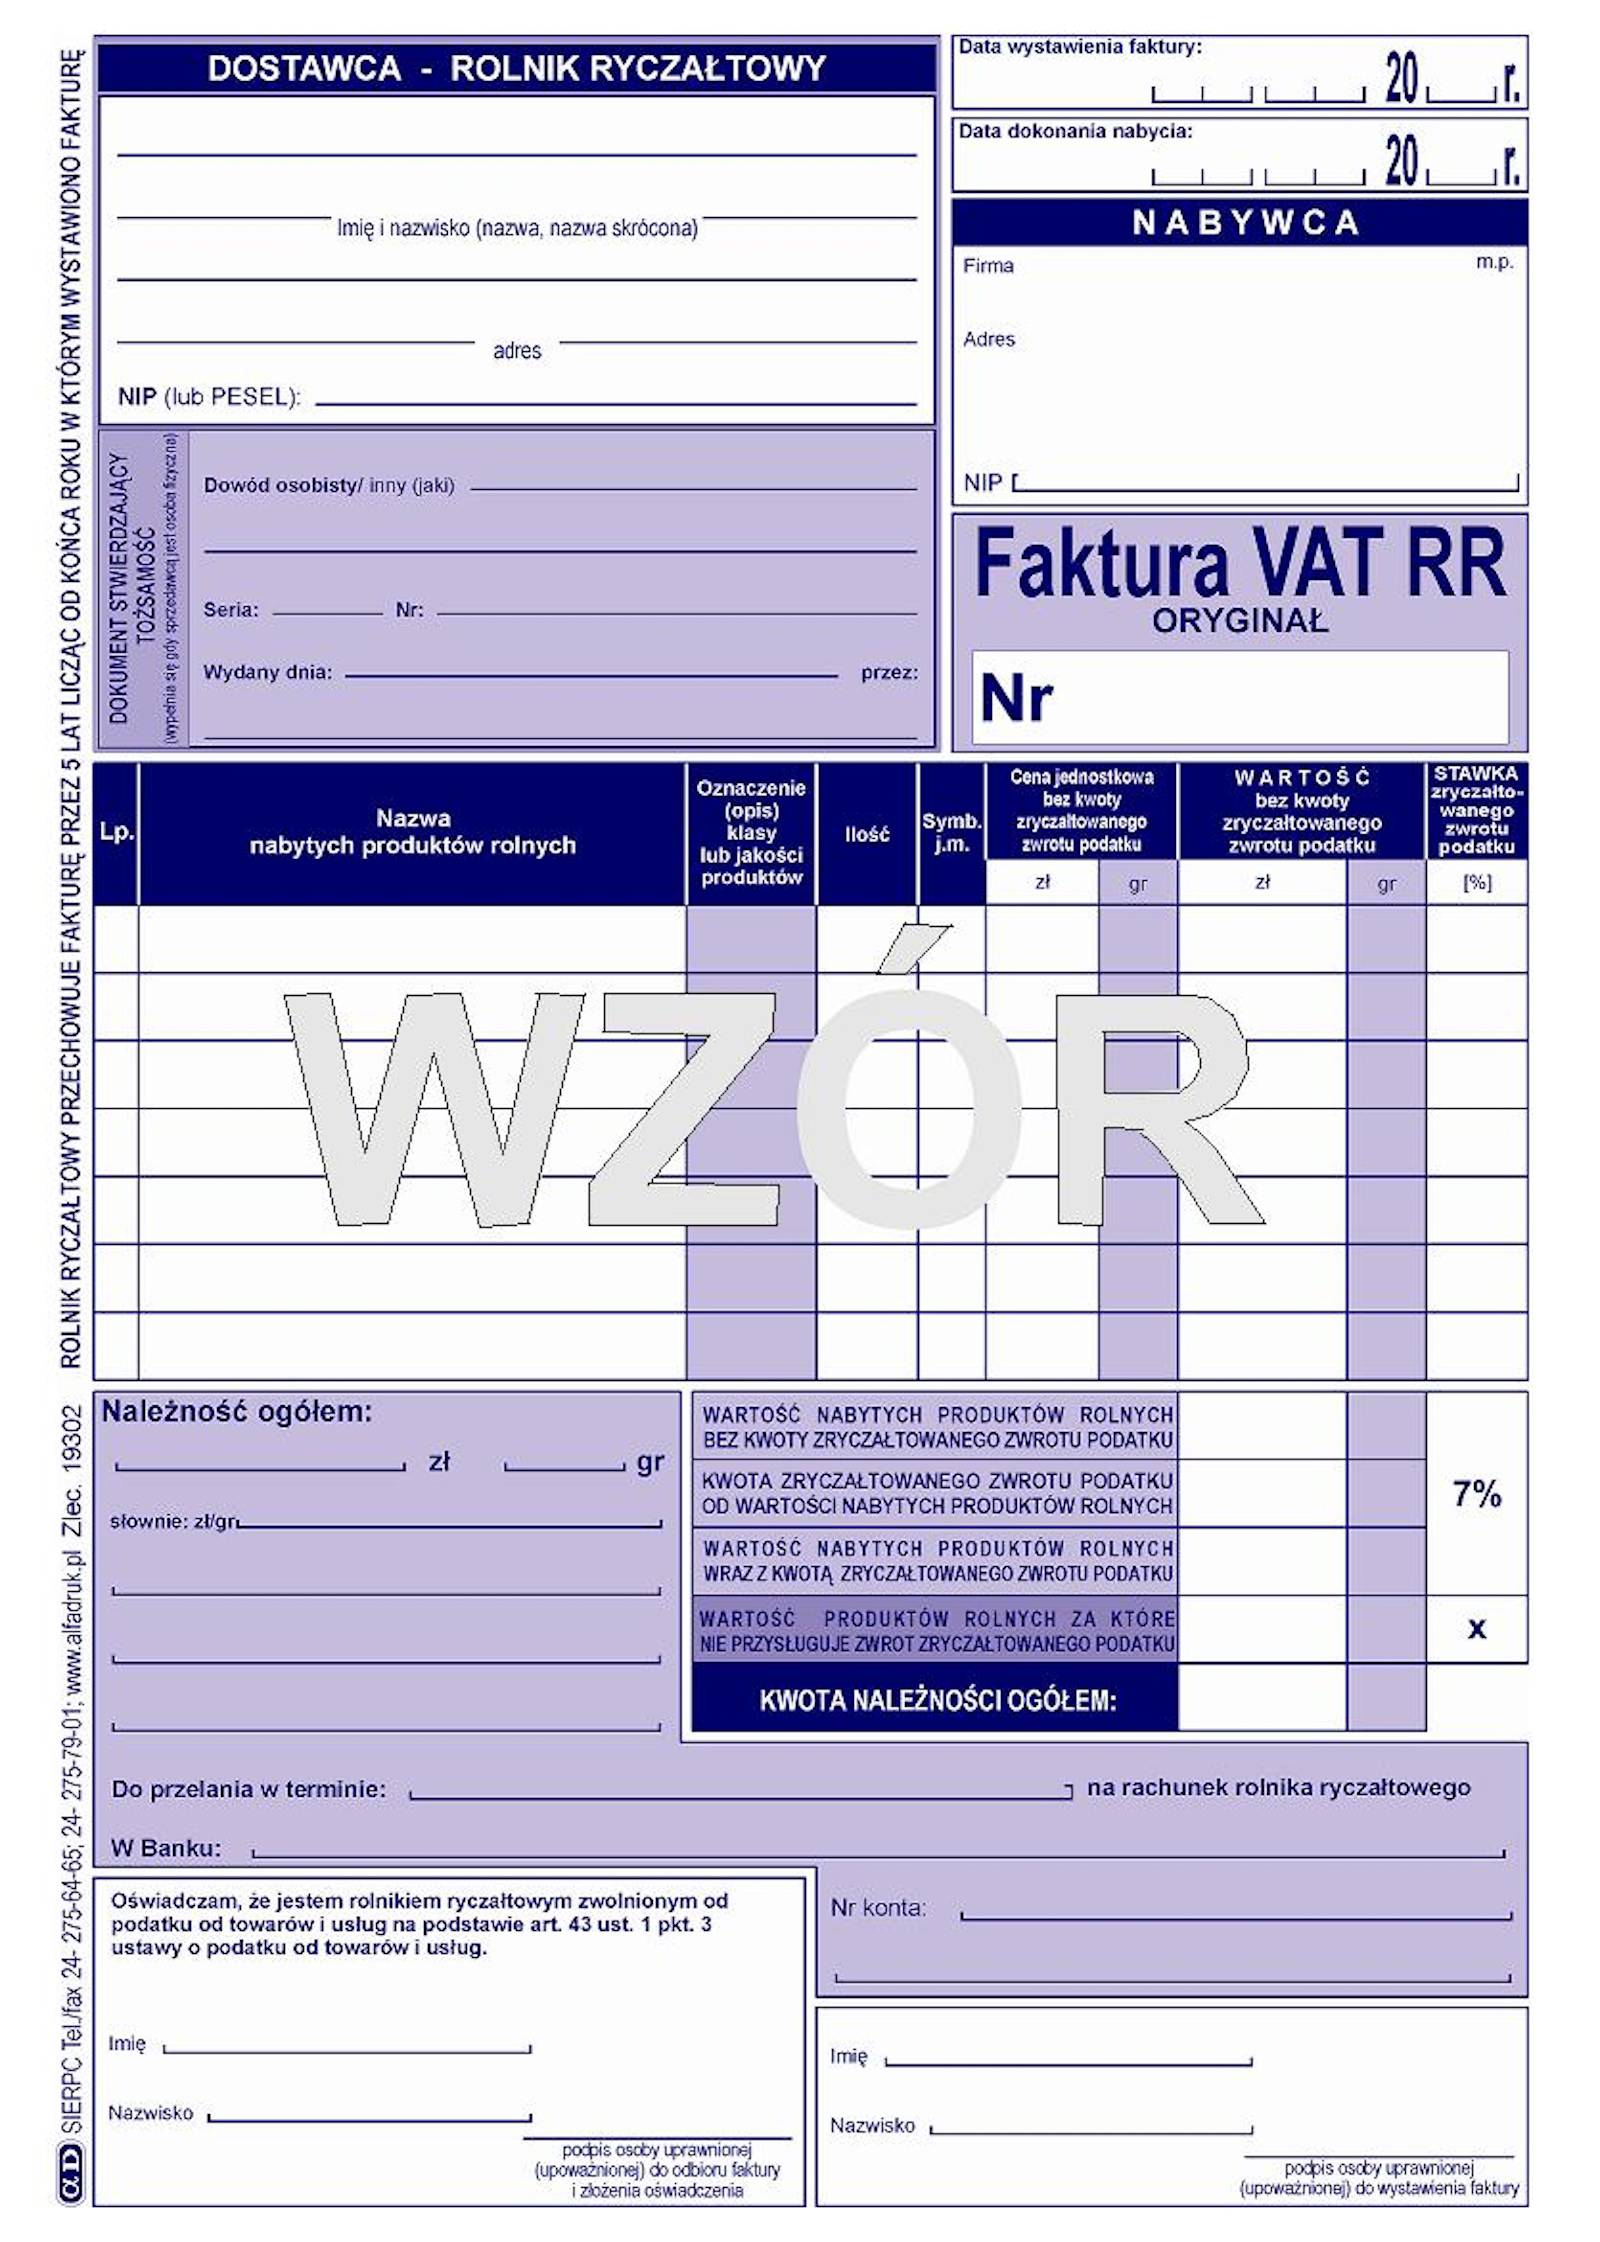 Zmiana zasad wystawiania faktur VAT RR